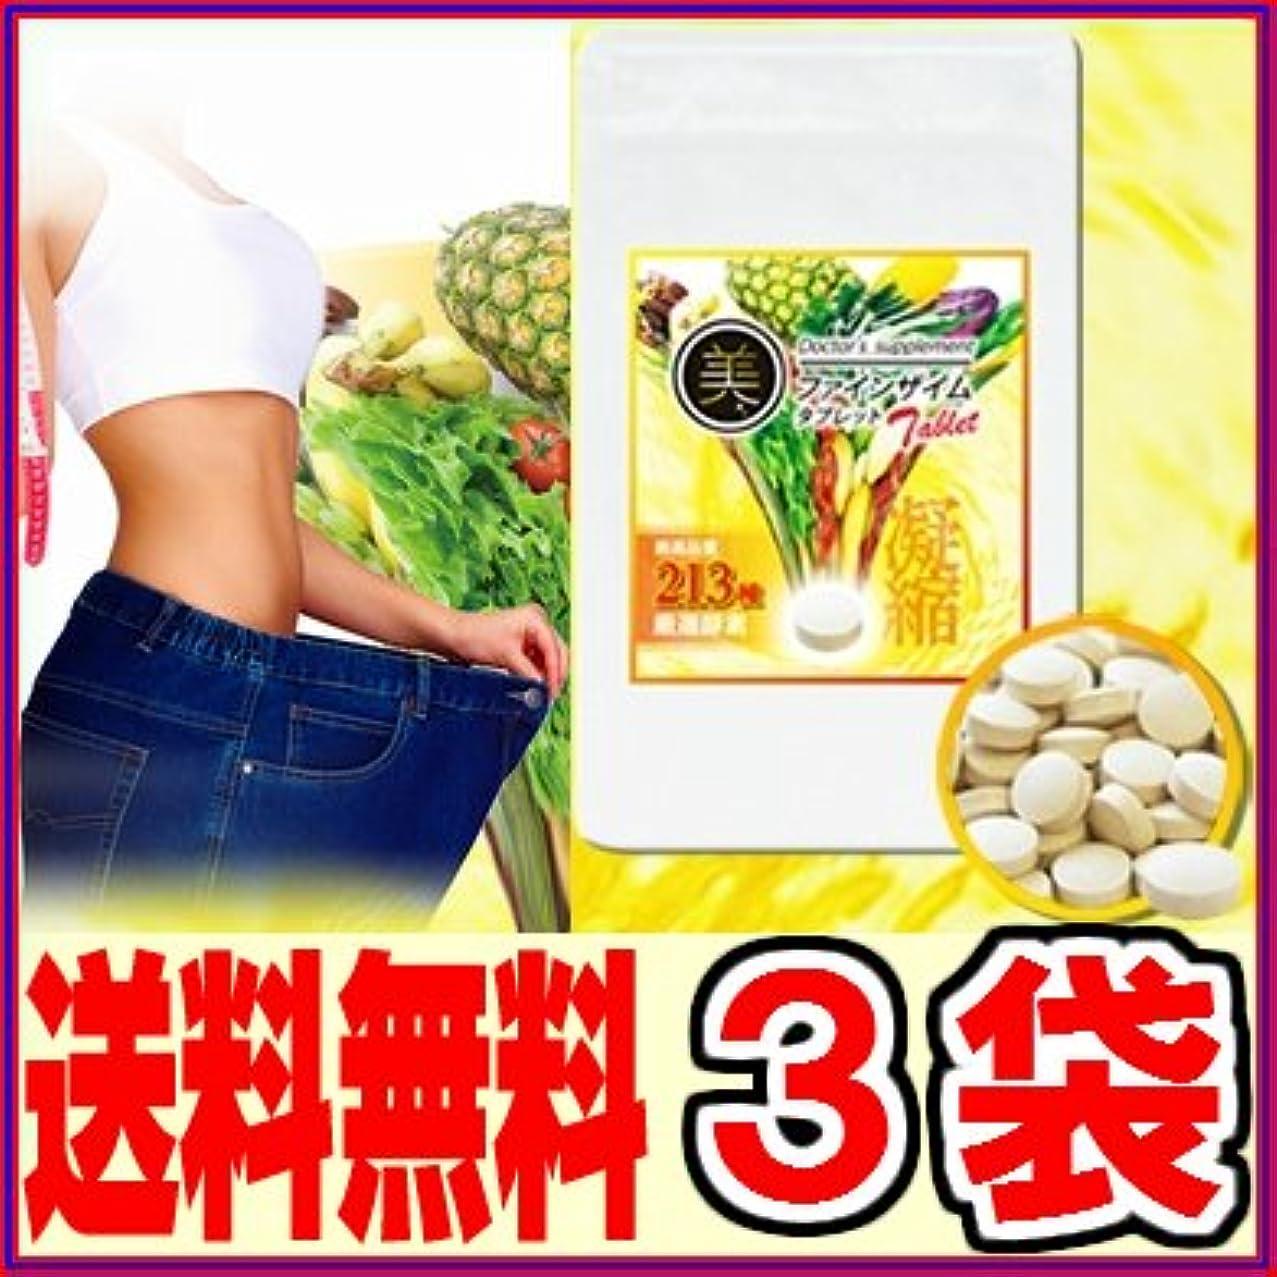 腐食する尊敬する読む美?ファインザイム タブレット90粒 ×お得3袋セット《酵素、ダイエット、エステ、213種酵素、酵素ダイエット、マイクロ、リコピン、レスベラトロール》